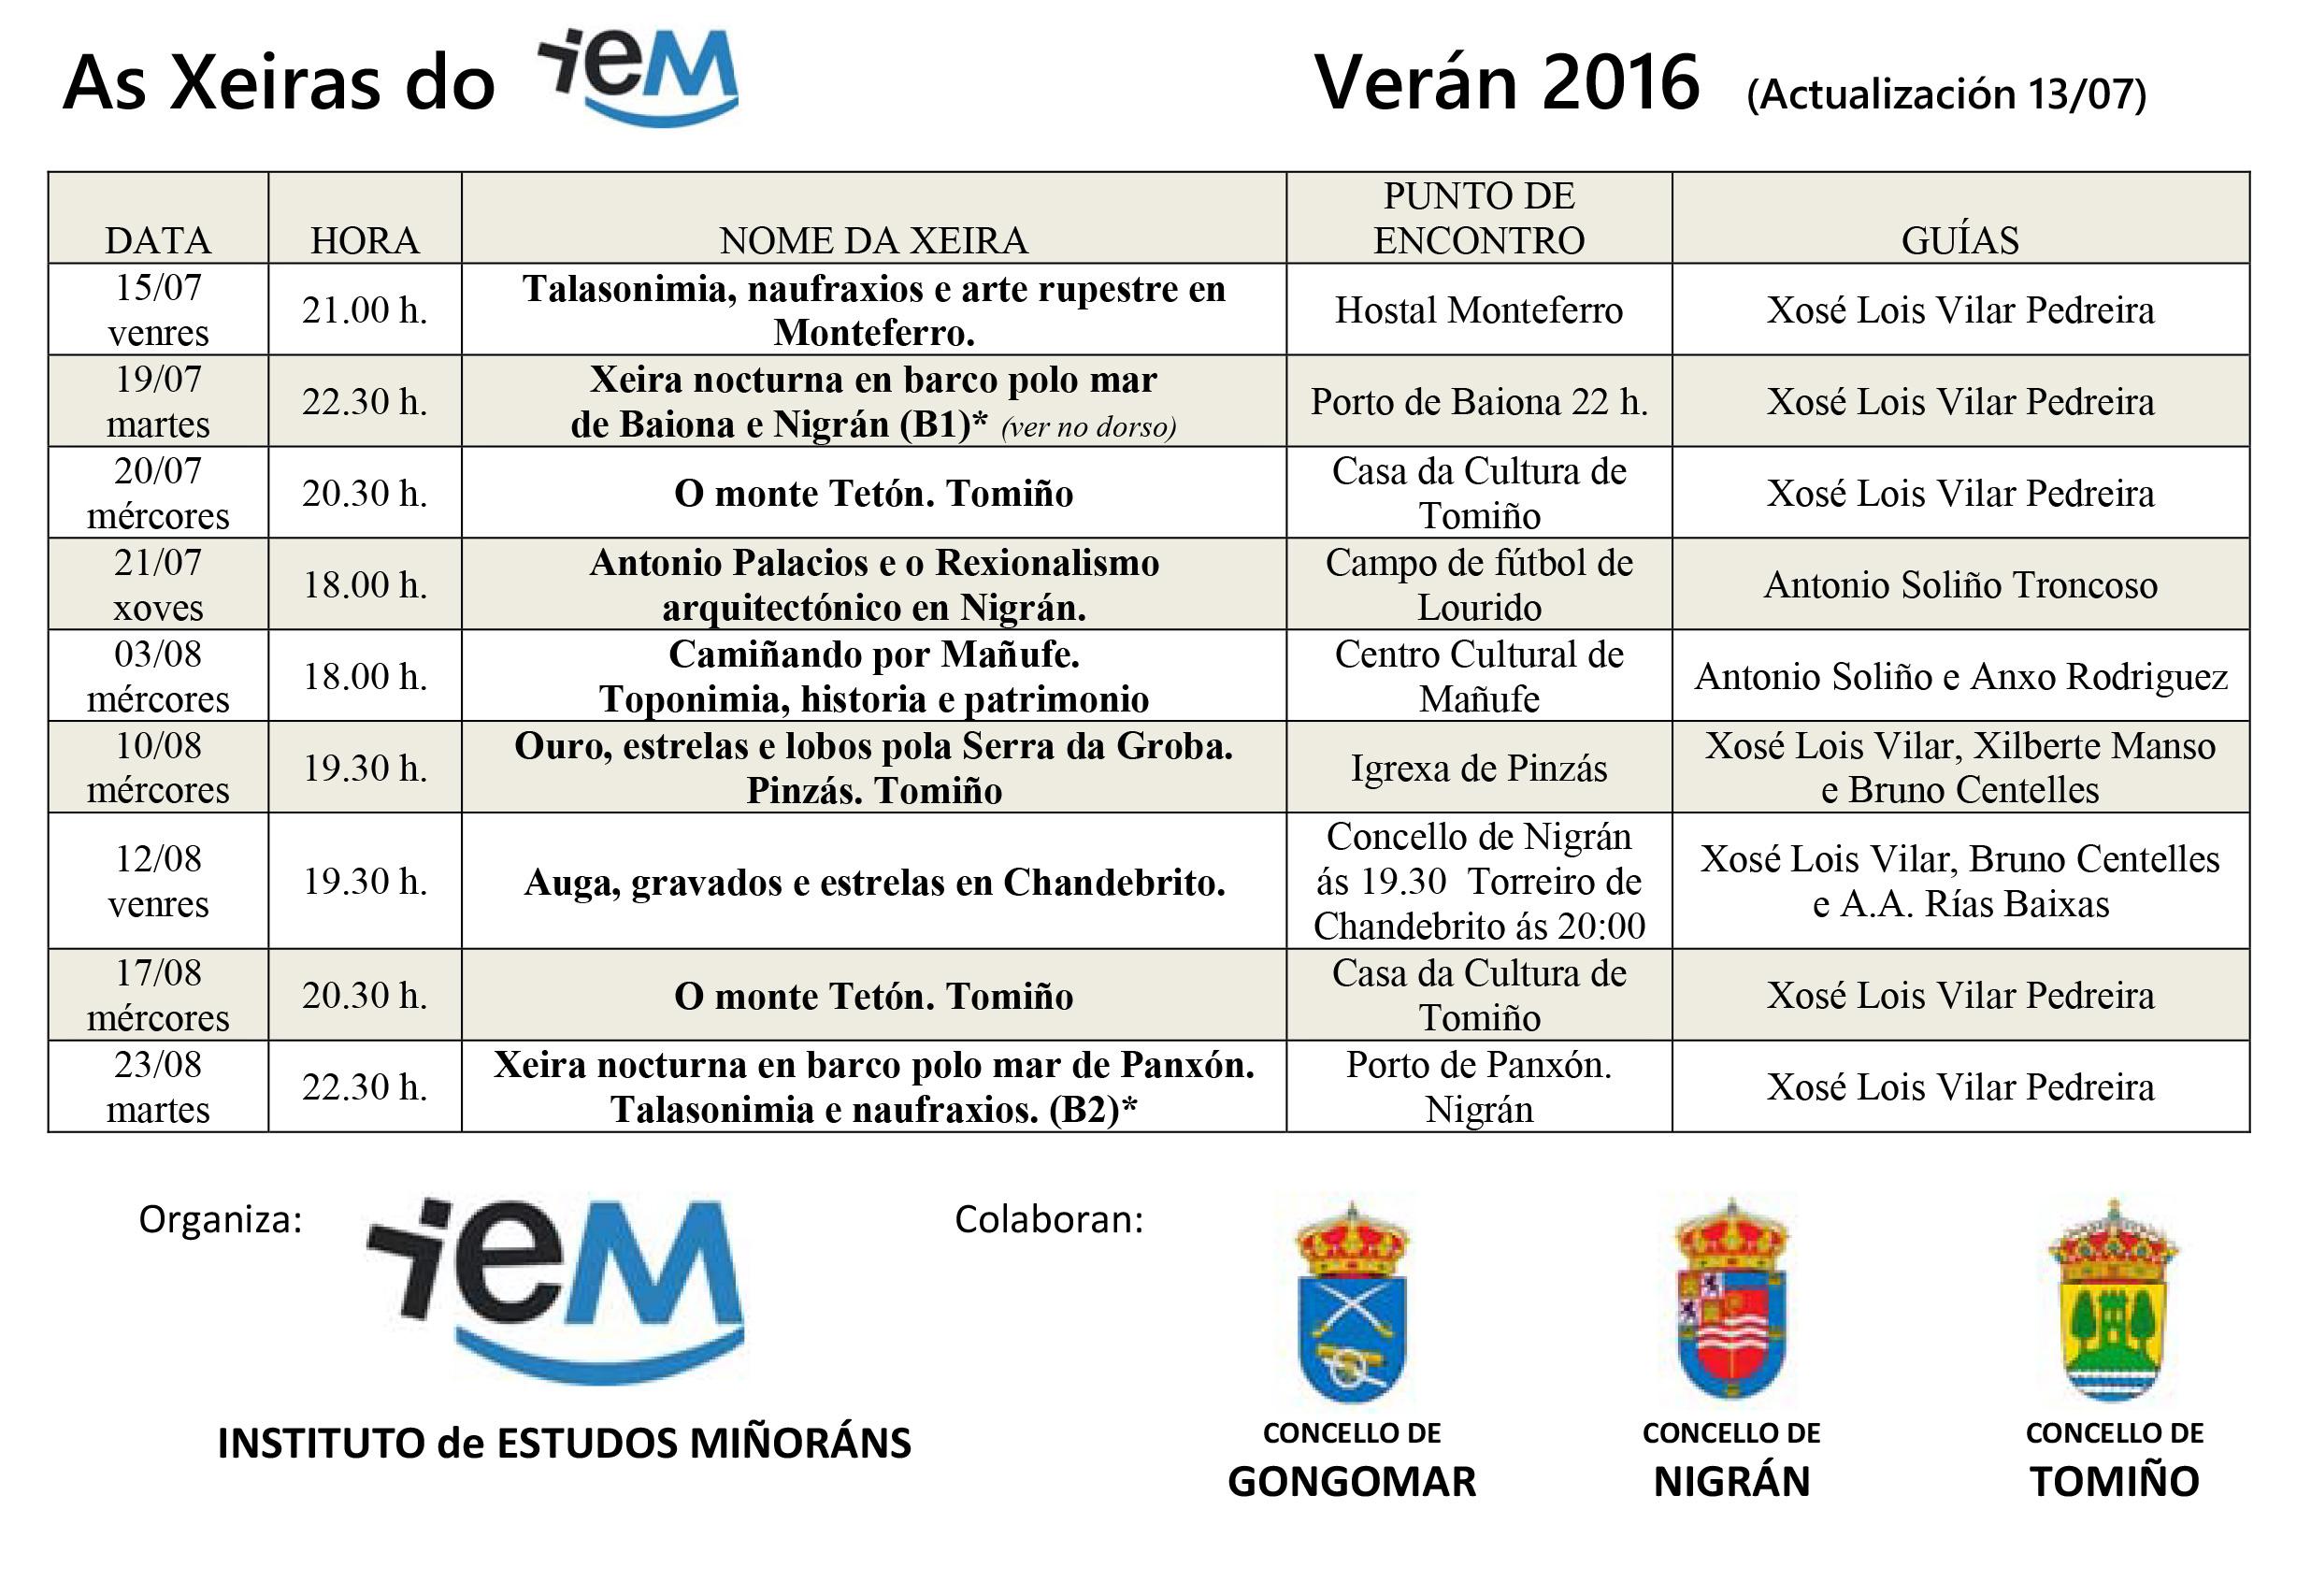 as-xeiras-do-veran-2016-1-1